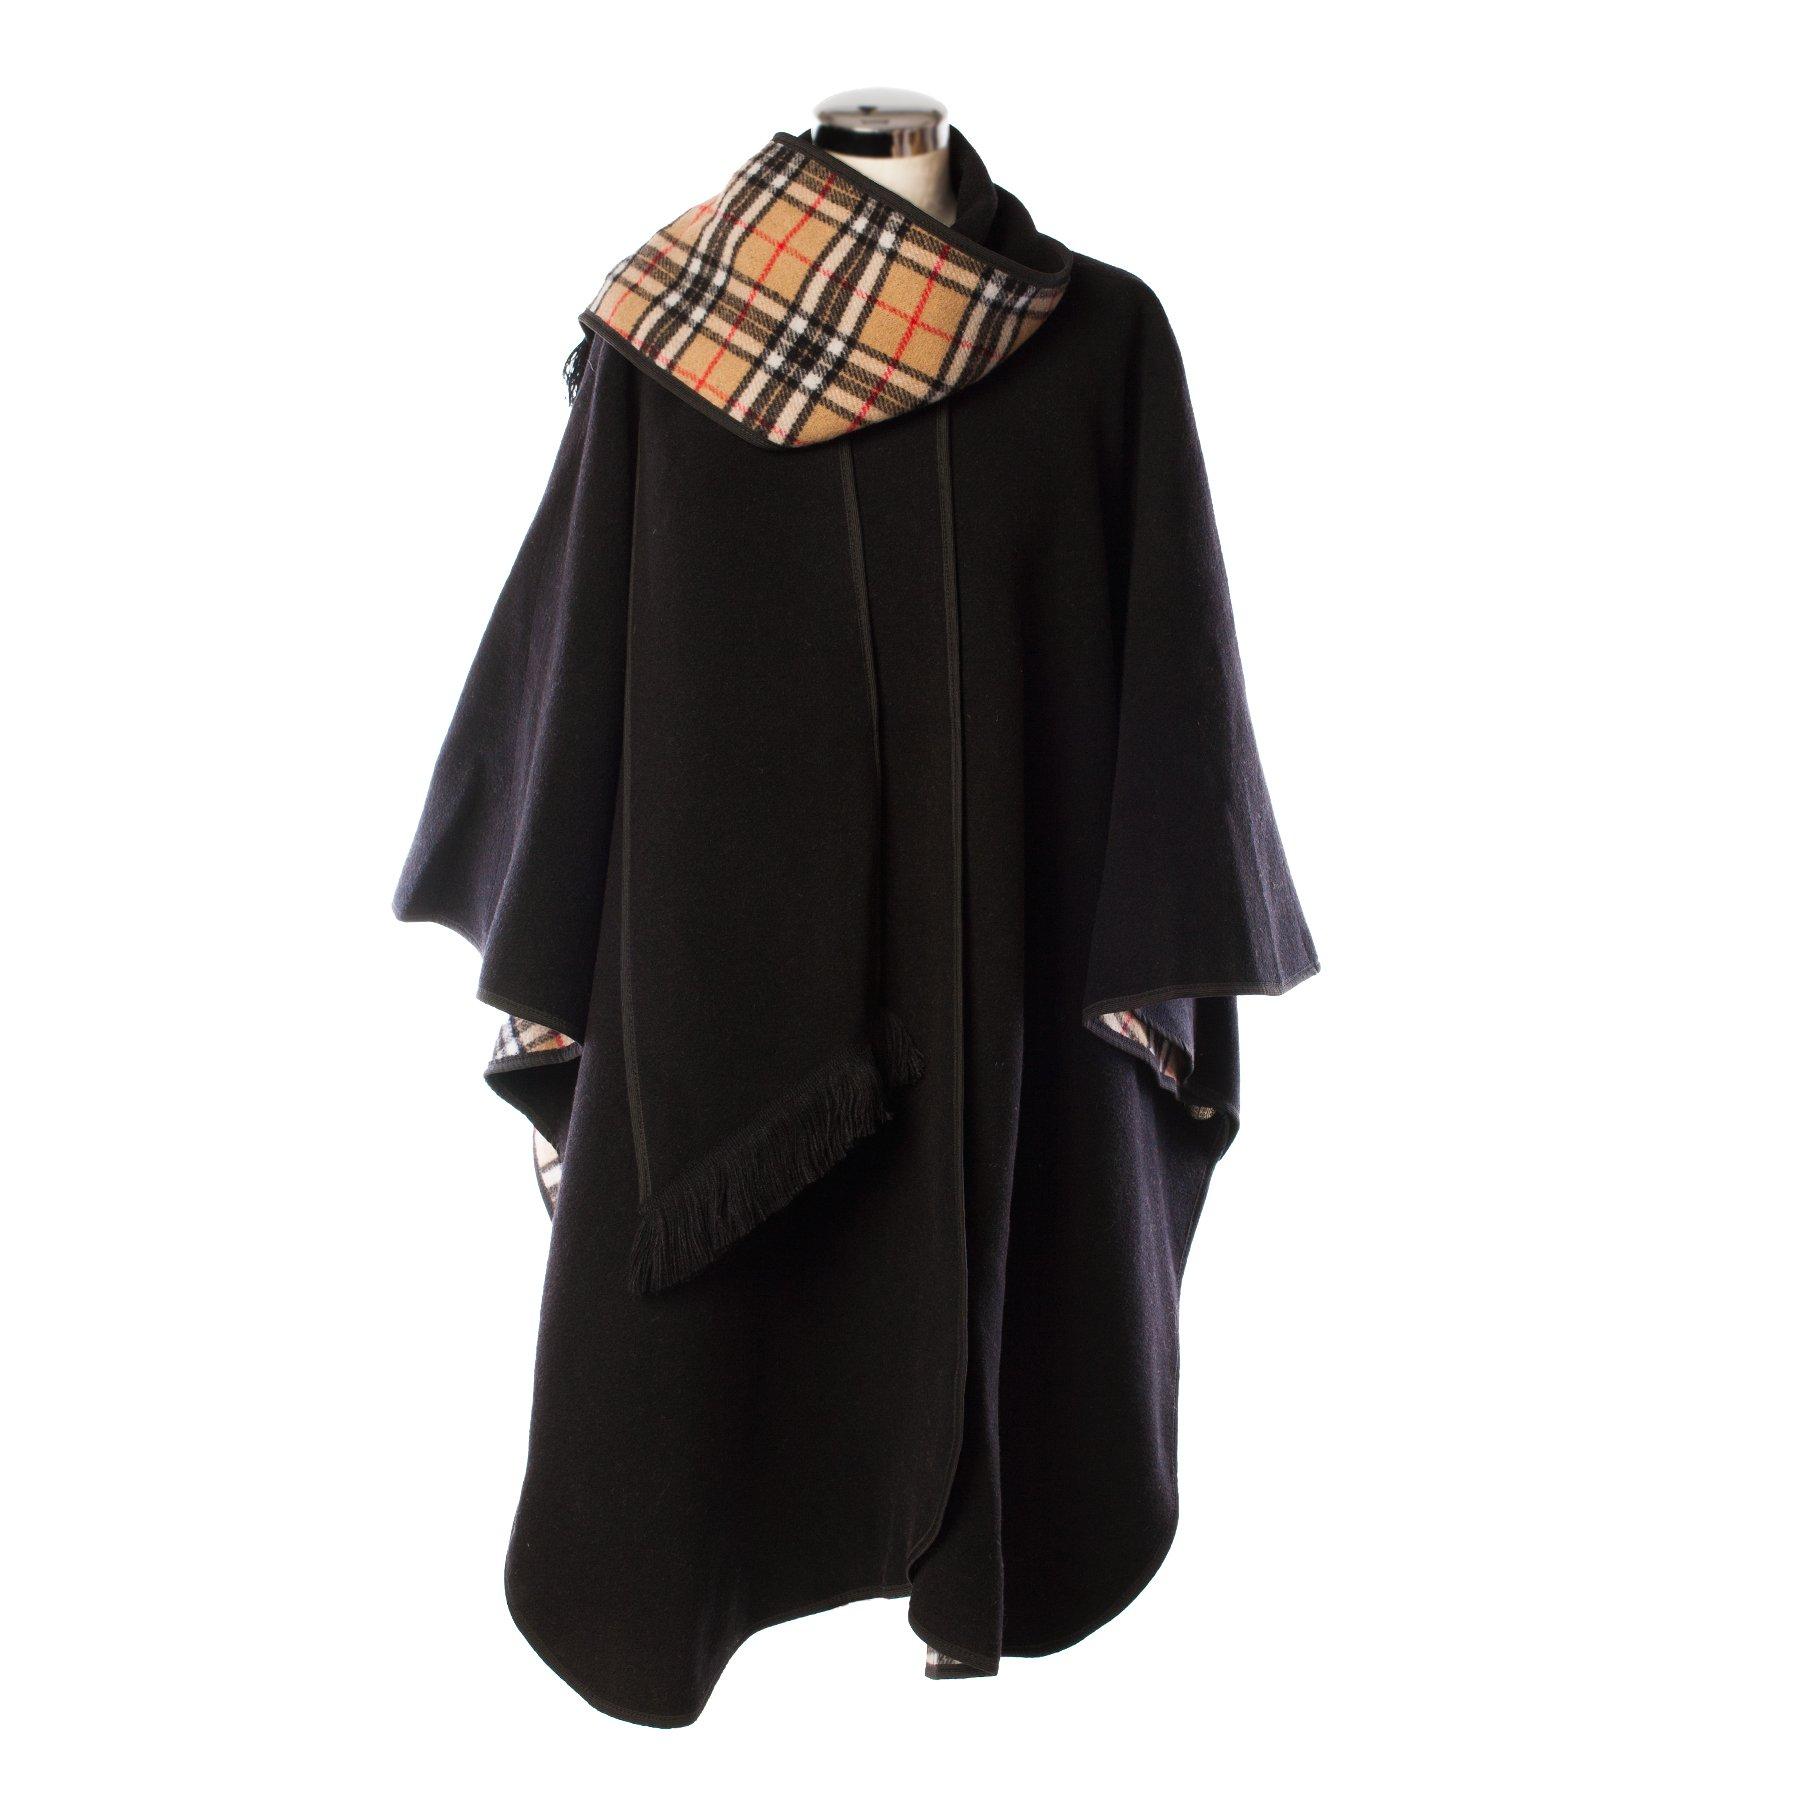 Heritage Of Scotlan Wool Blend Scottish Tartan Reversible Cape Black (One Size)